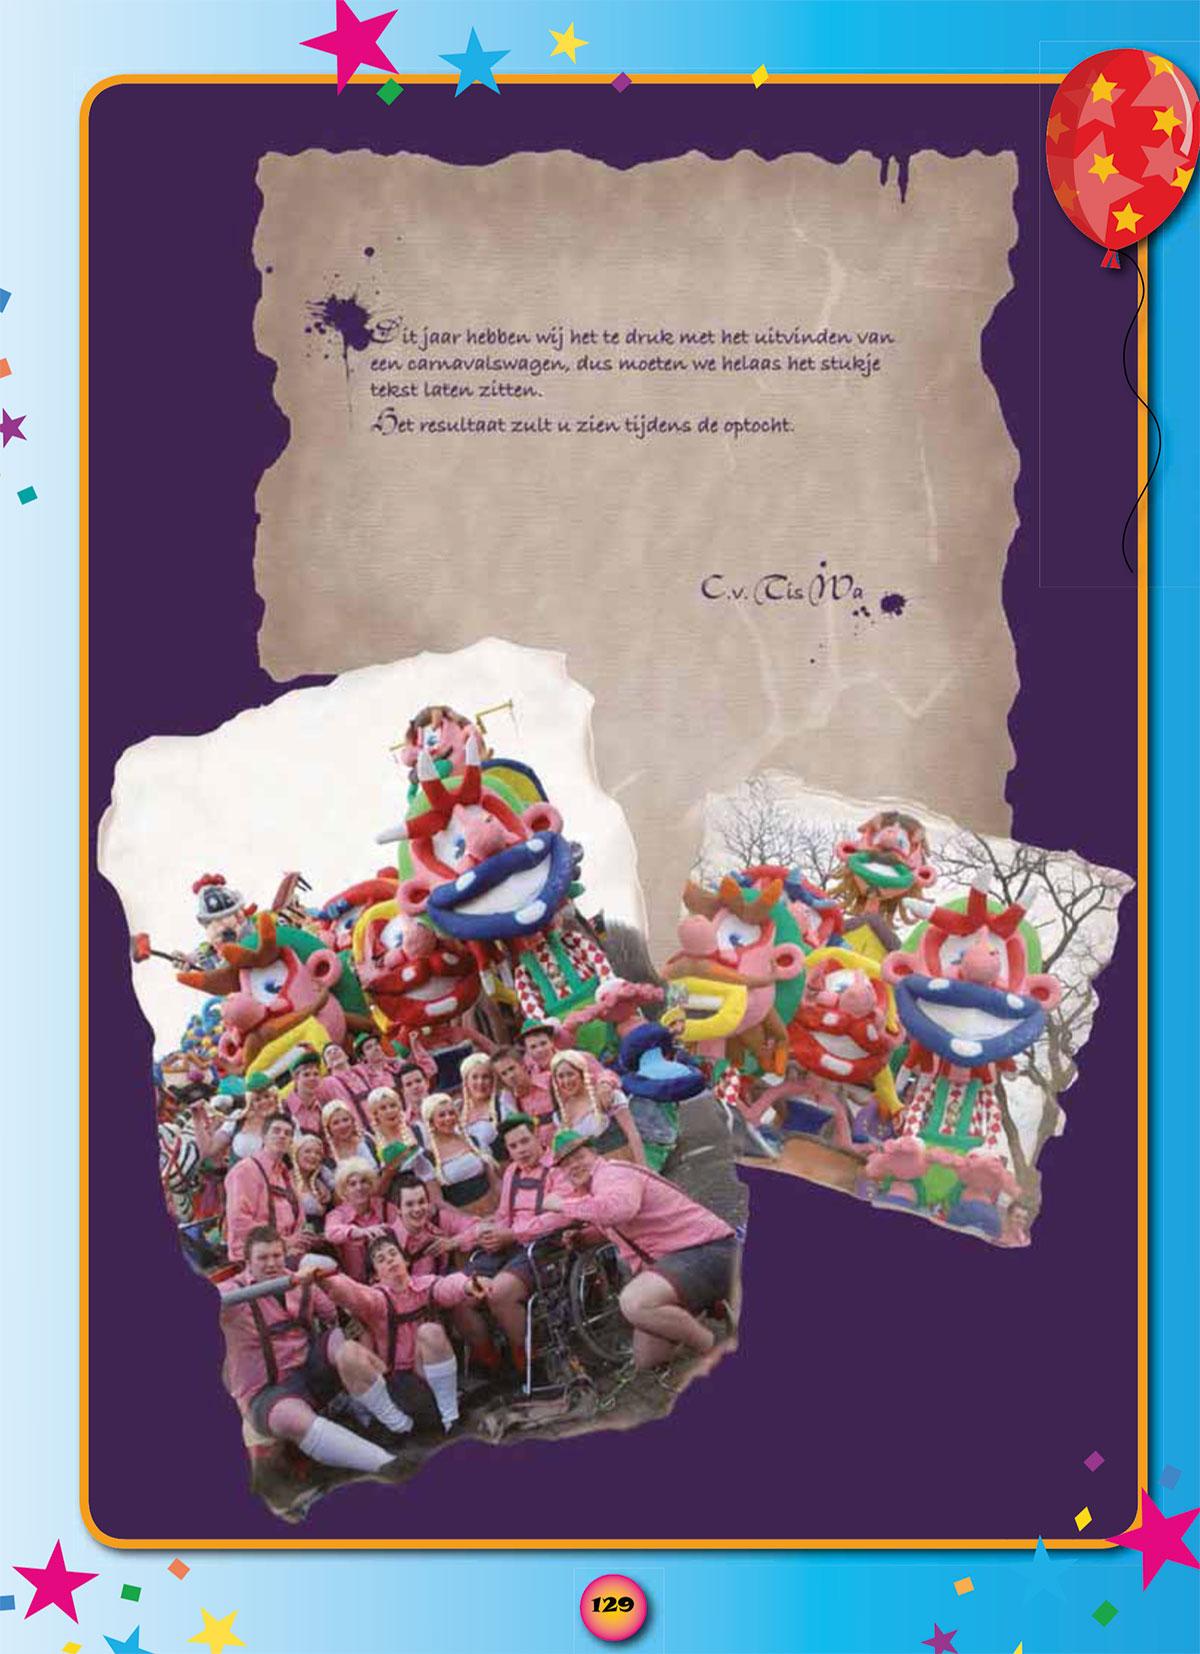 Stukje uit de carnavalskrant van Tis Wa - 2009